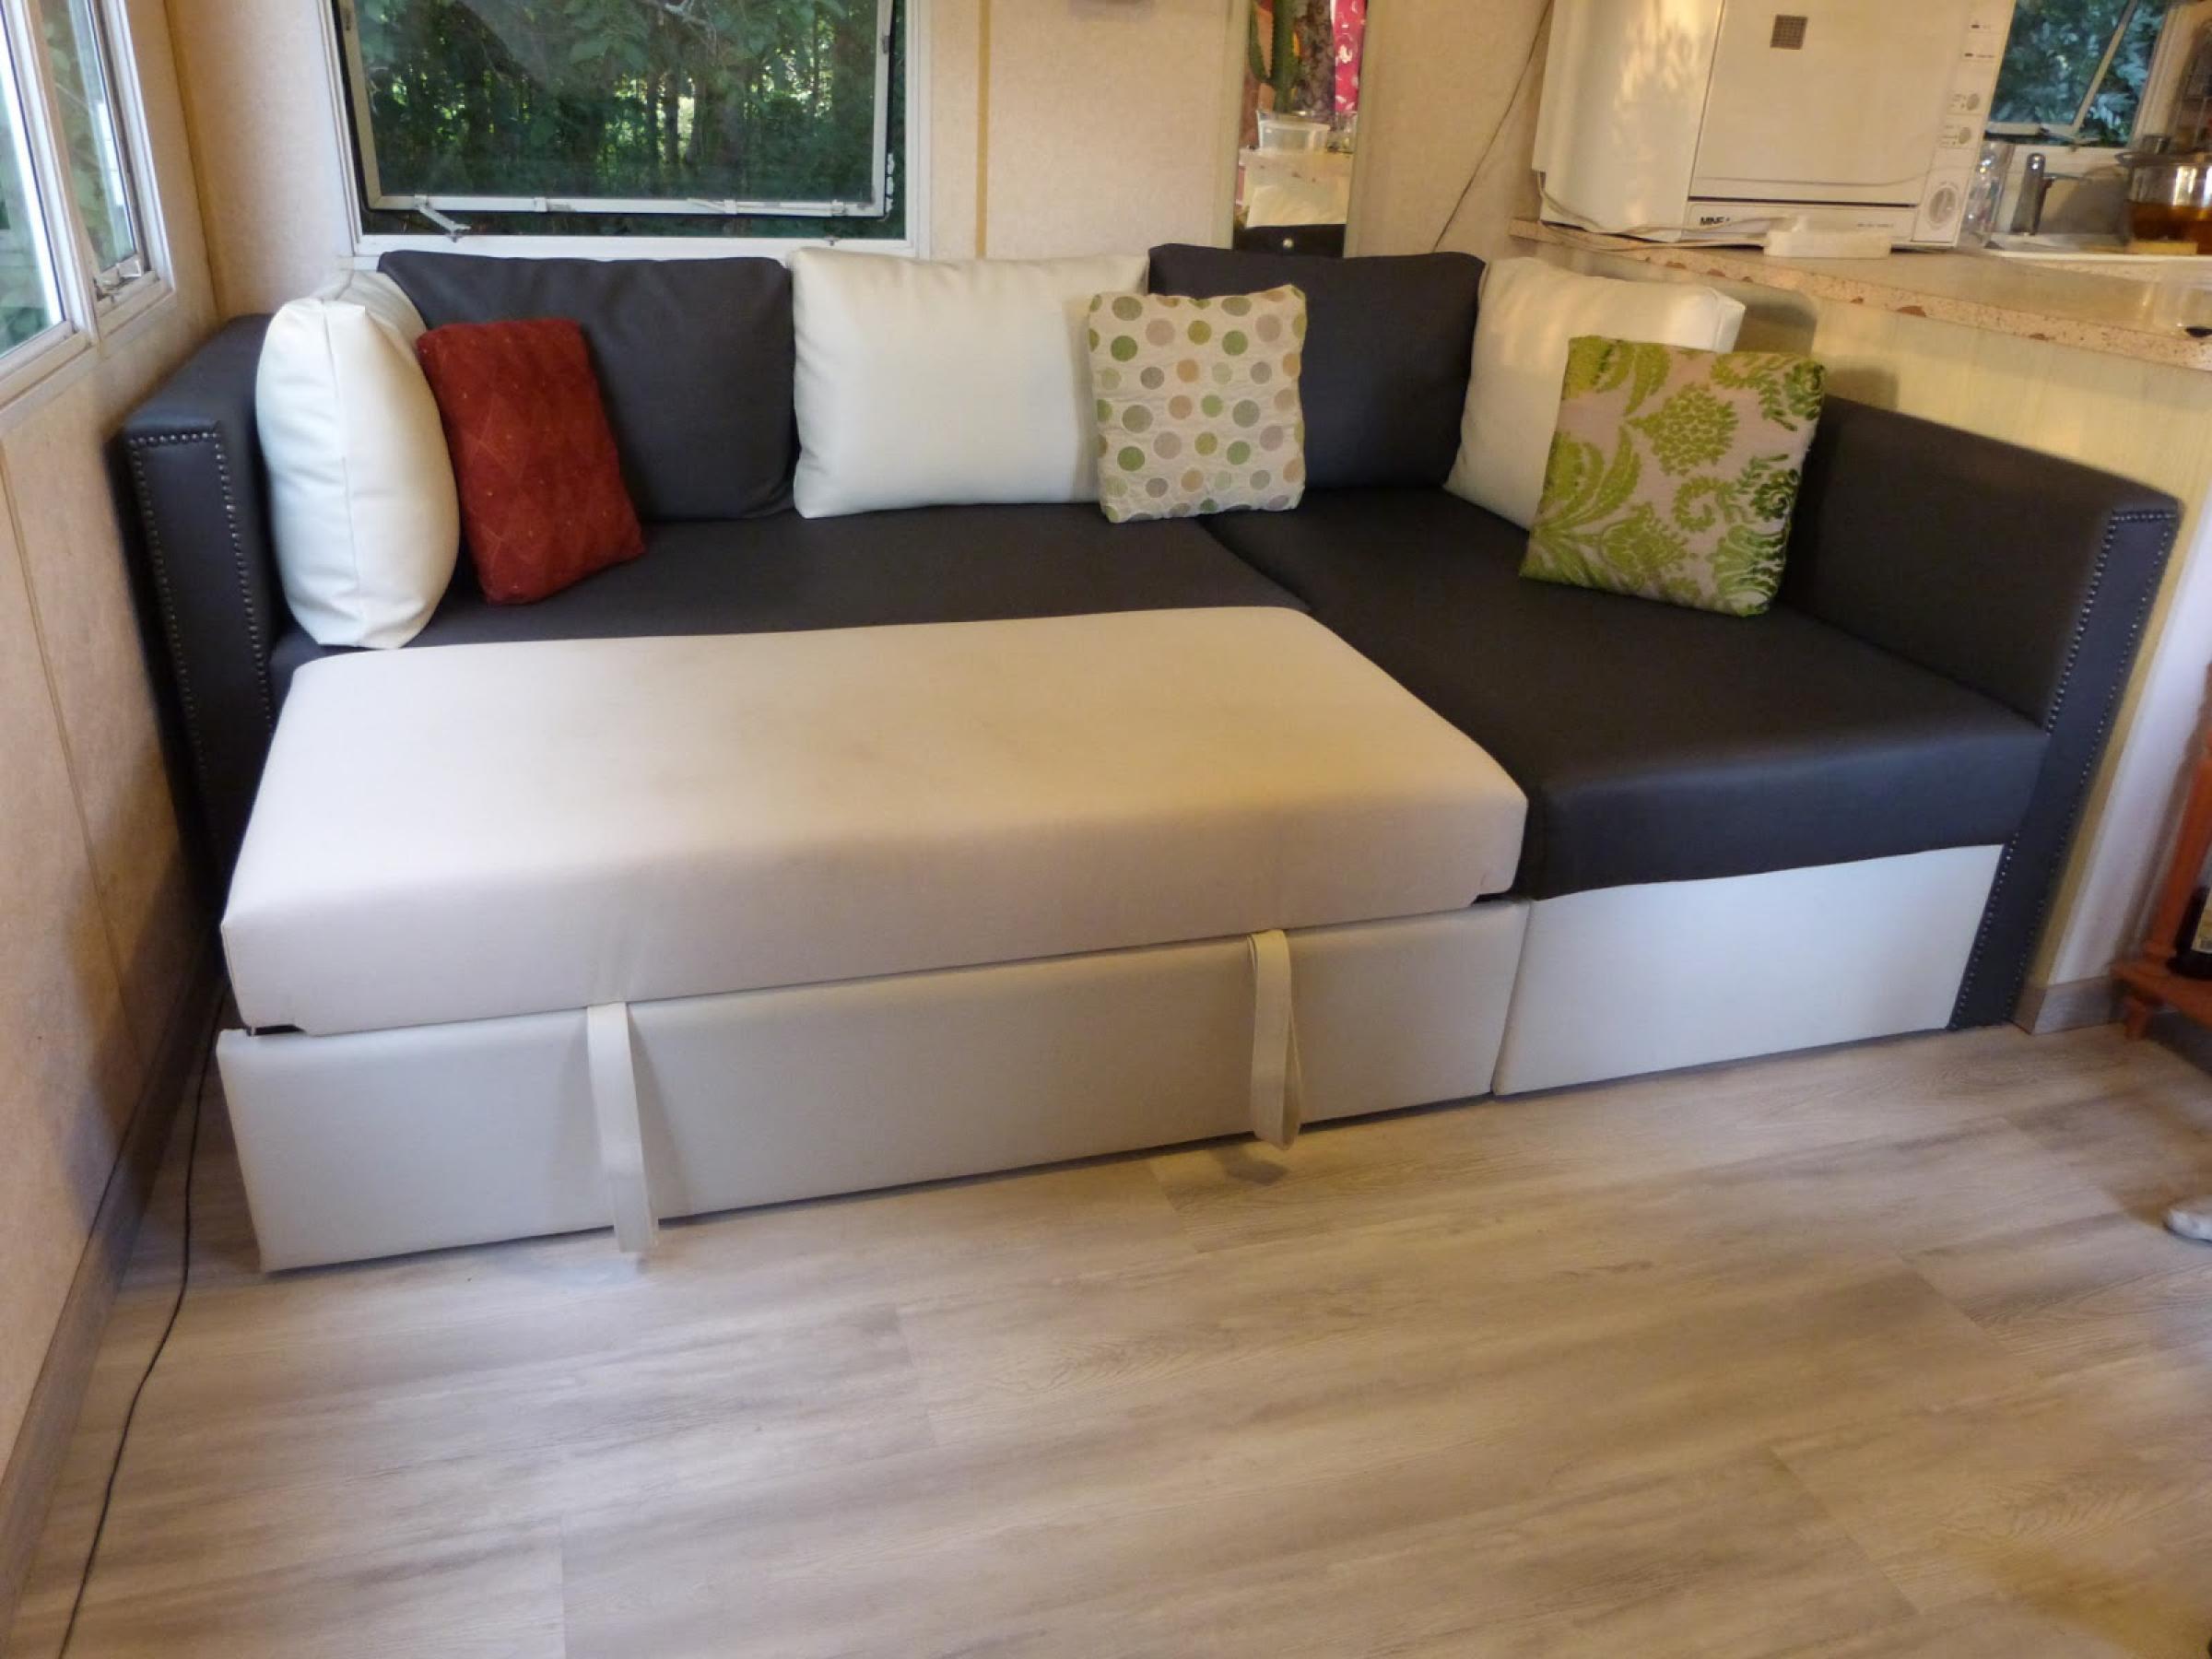 Canapé Convertible Angle Ikea Nouveau Galerie Maison Du Monde Canape Convertible Great Affordable with Canap Lit